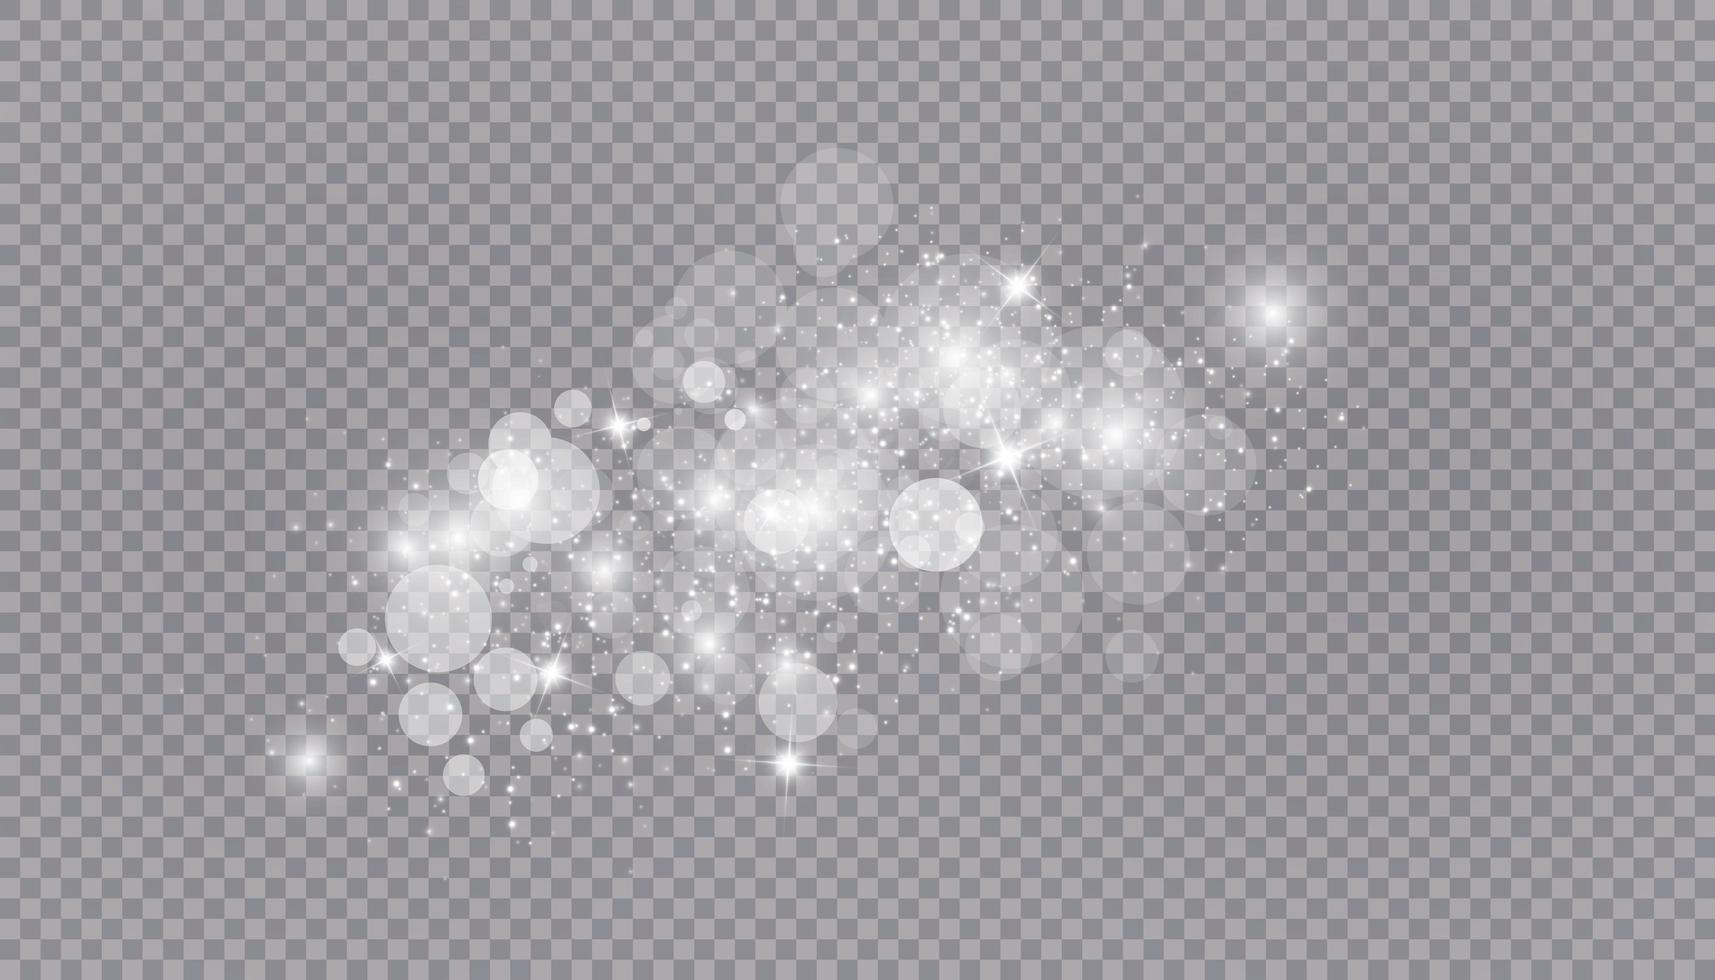 effet de lumière rougeoyante avec de nombreuses particules de paillettes isolées vecteur